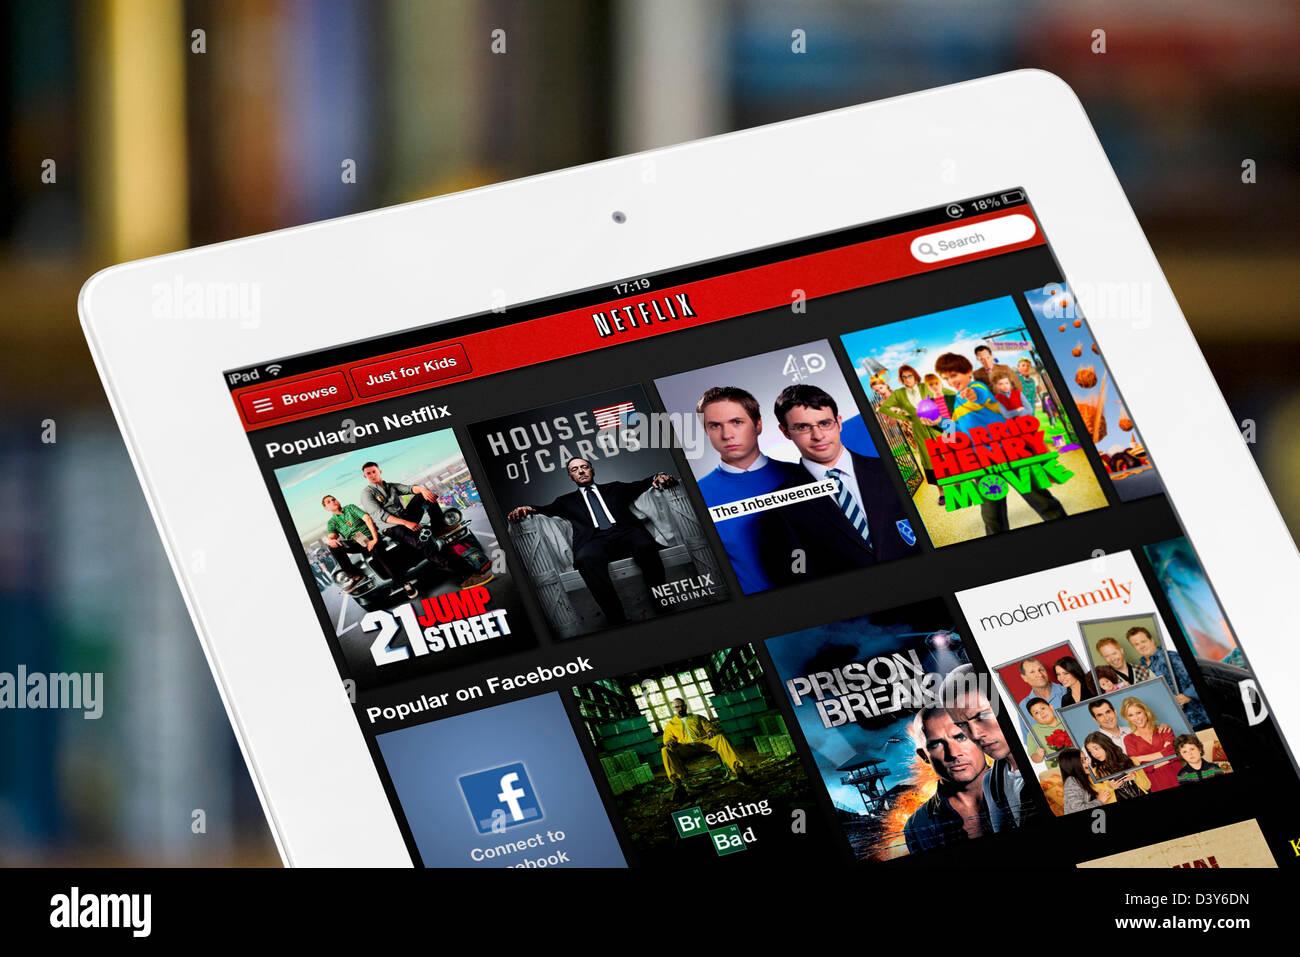 I video più gettonati sul video Netflix sito web streaming, visualizzati su una quarta generazione di iPad, Immagini Stock